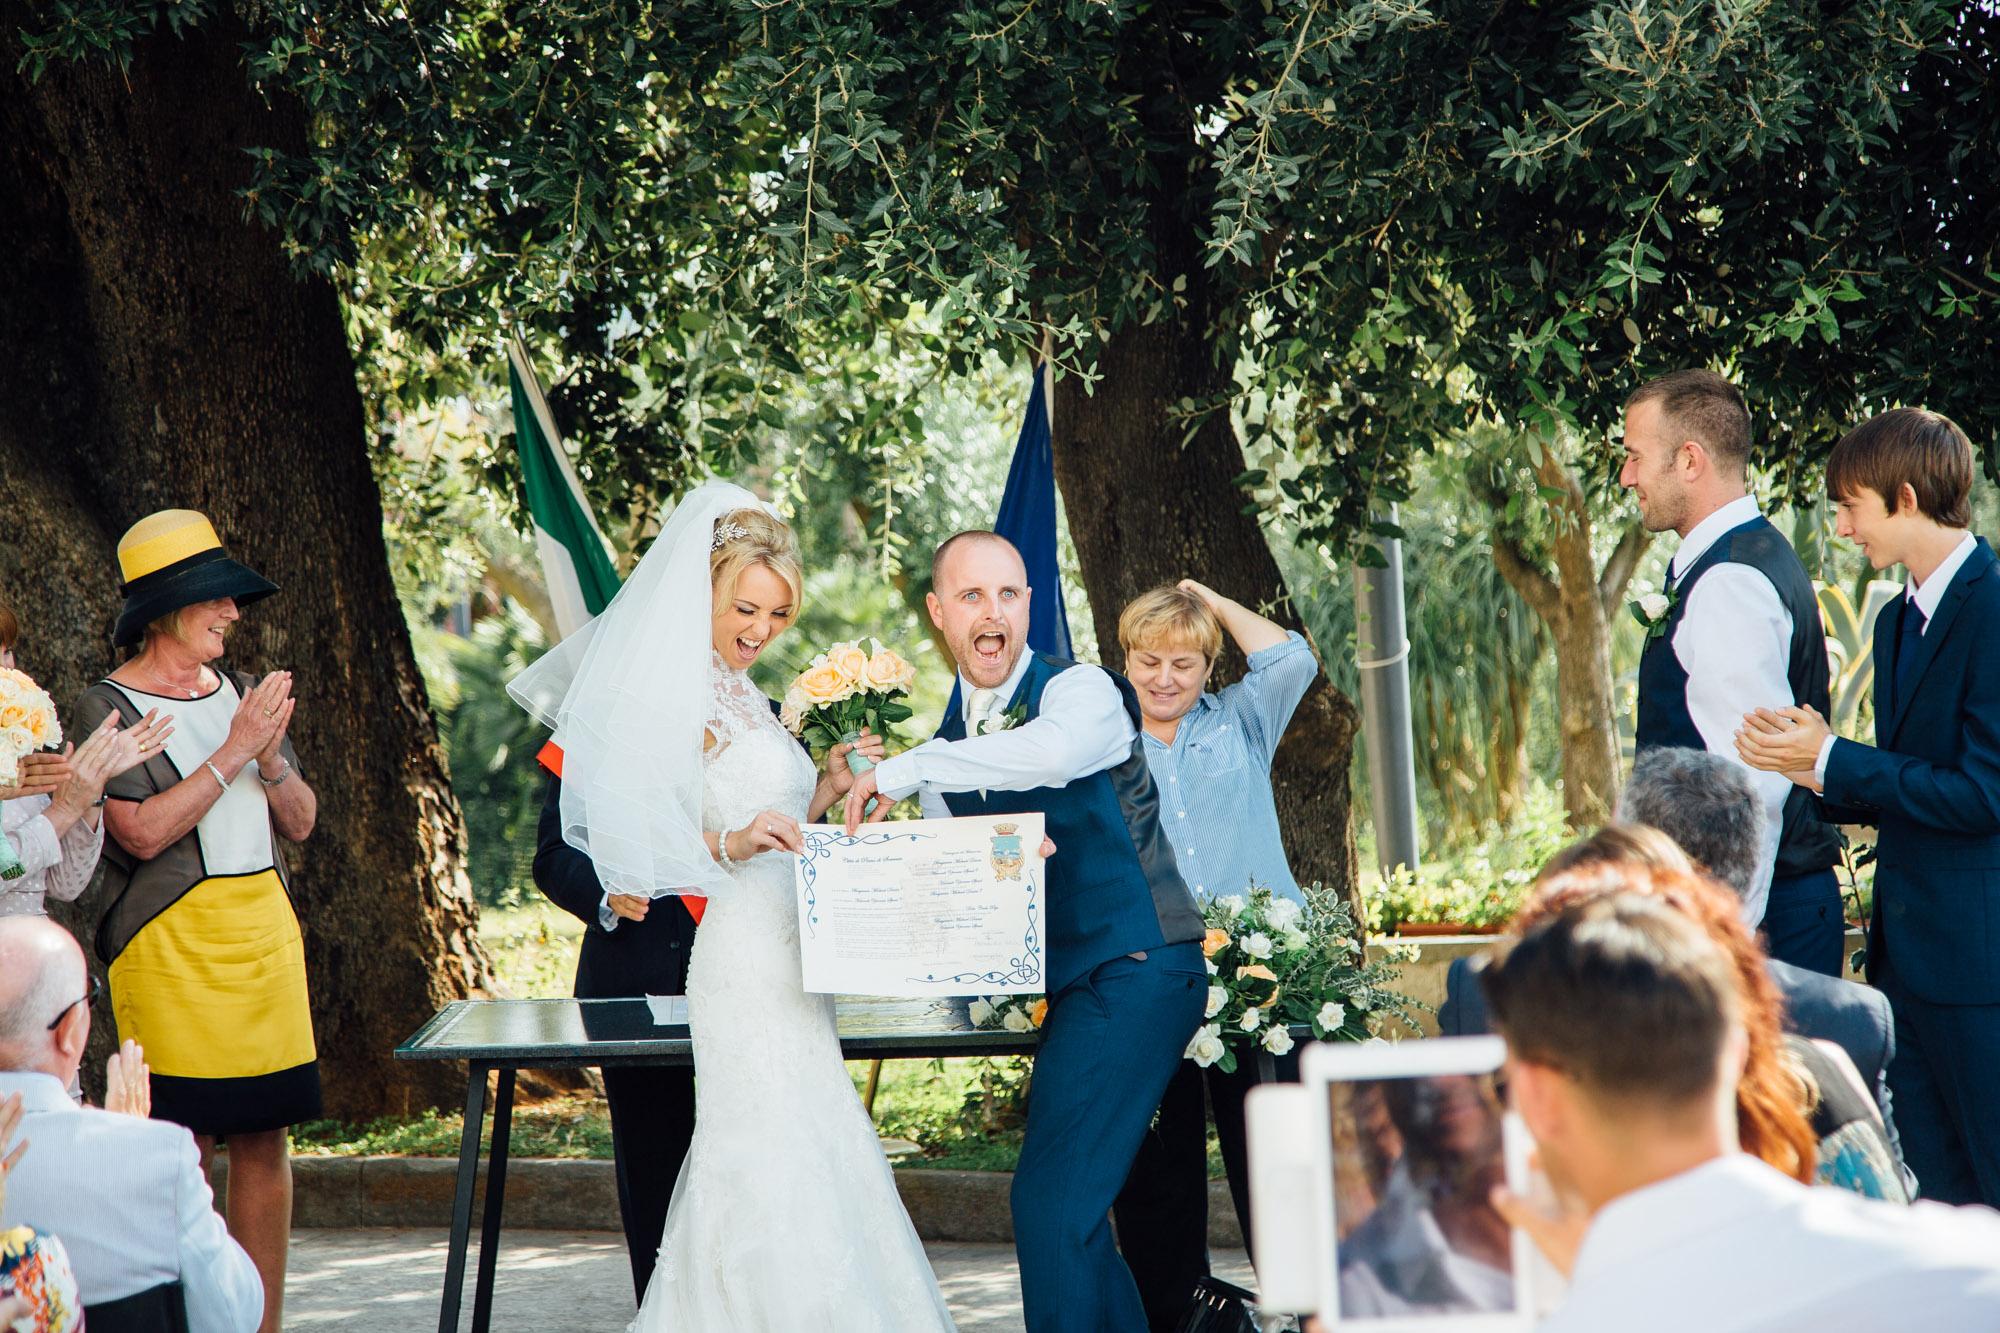 ItalyWeddingPhotography-18.jpg